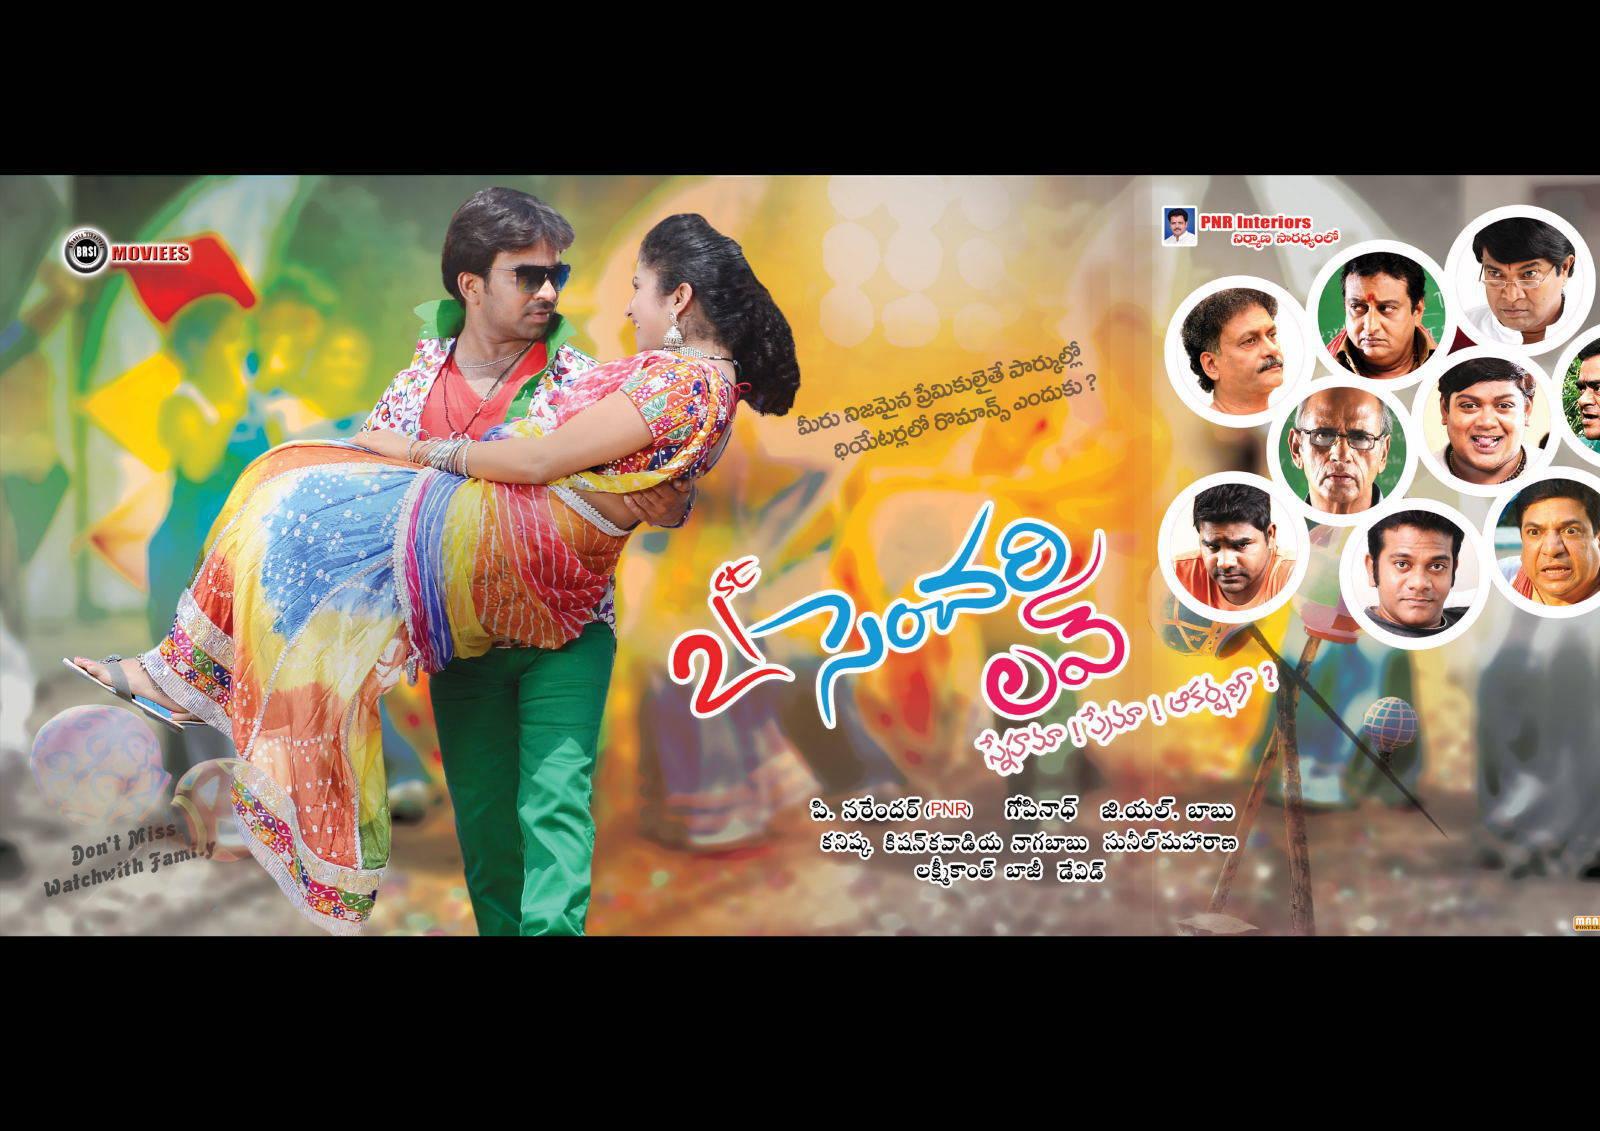 21st Century Love (2016) Telugu Movie Watch Online